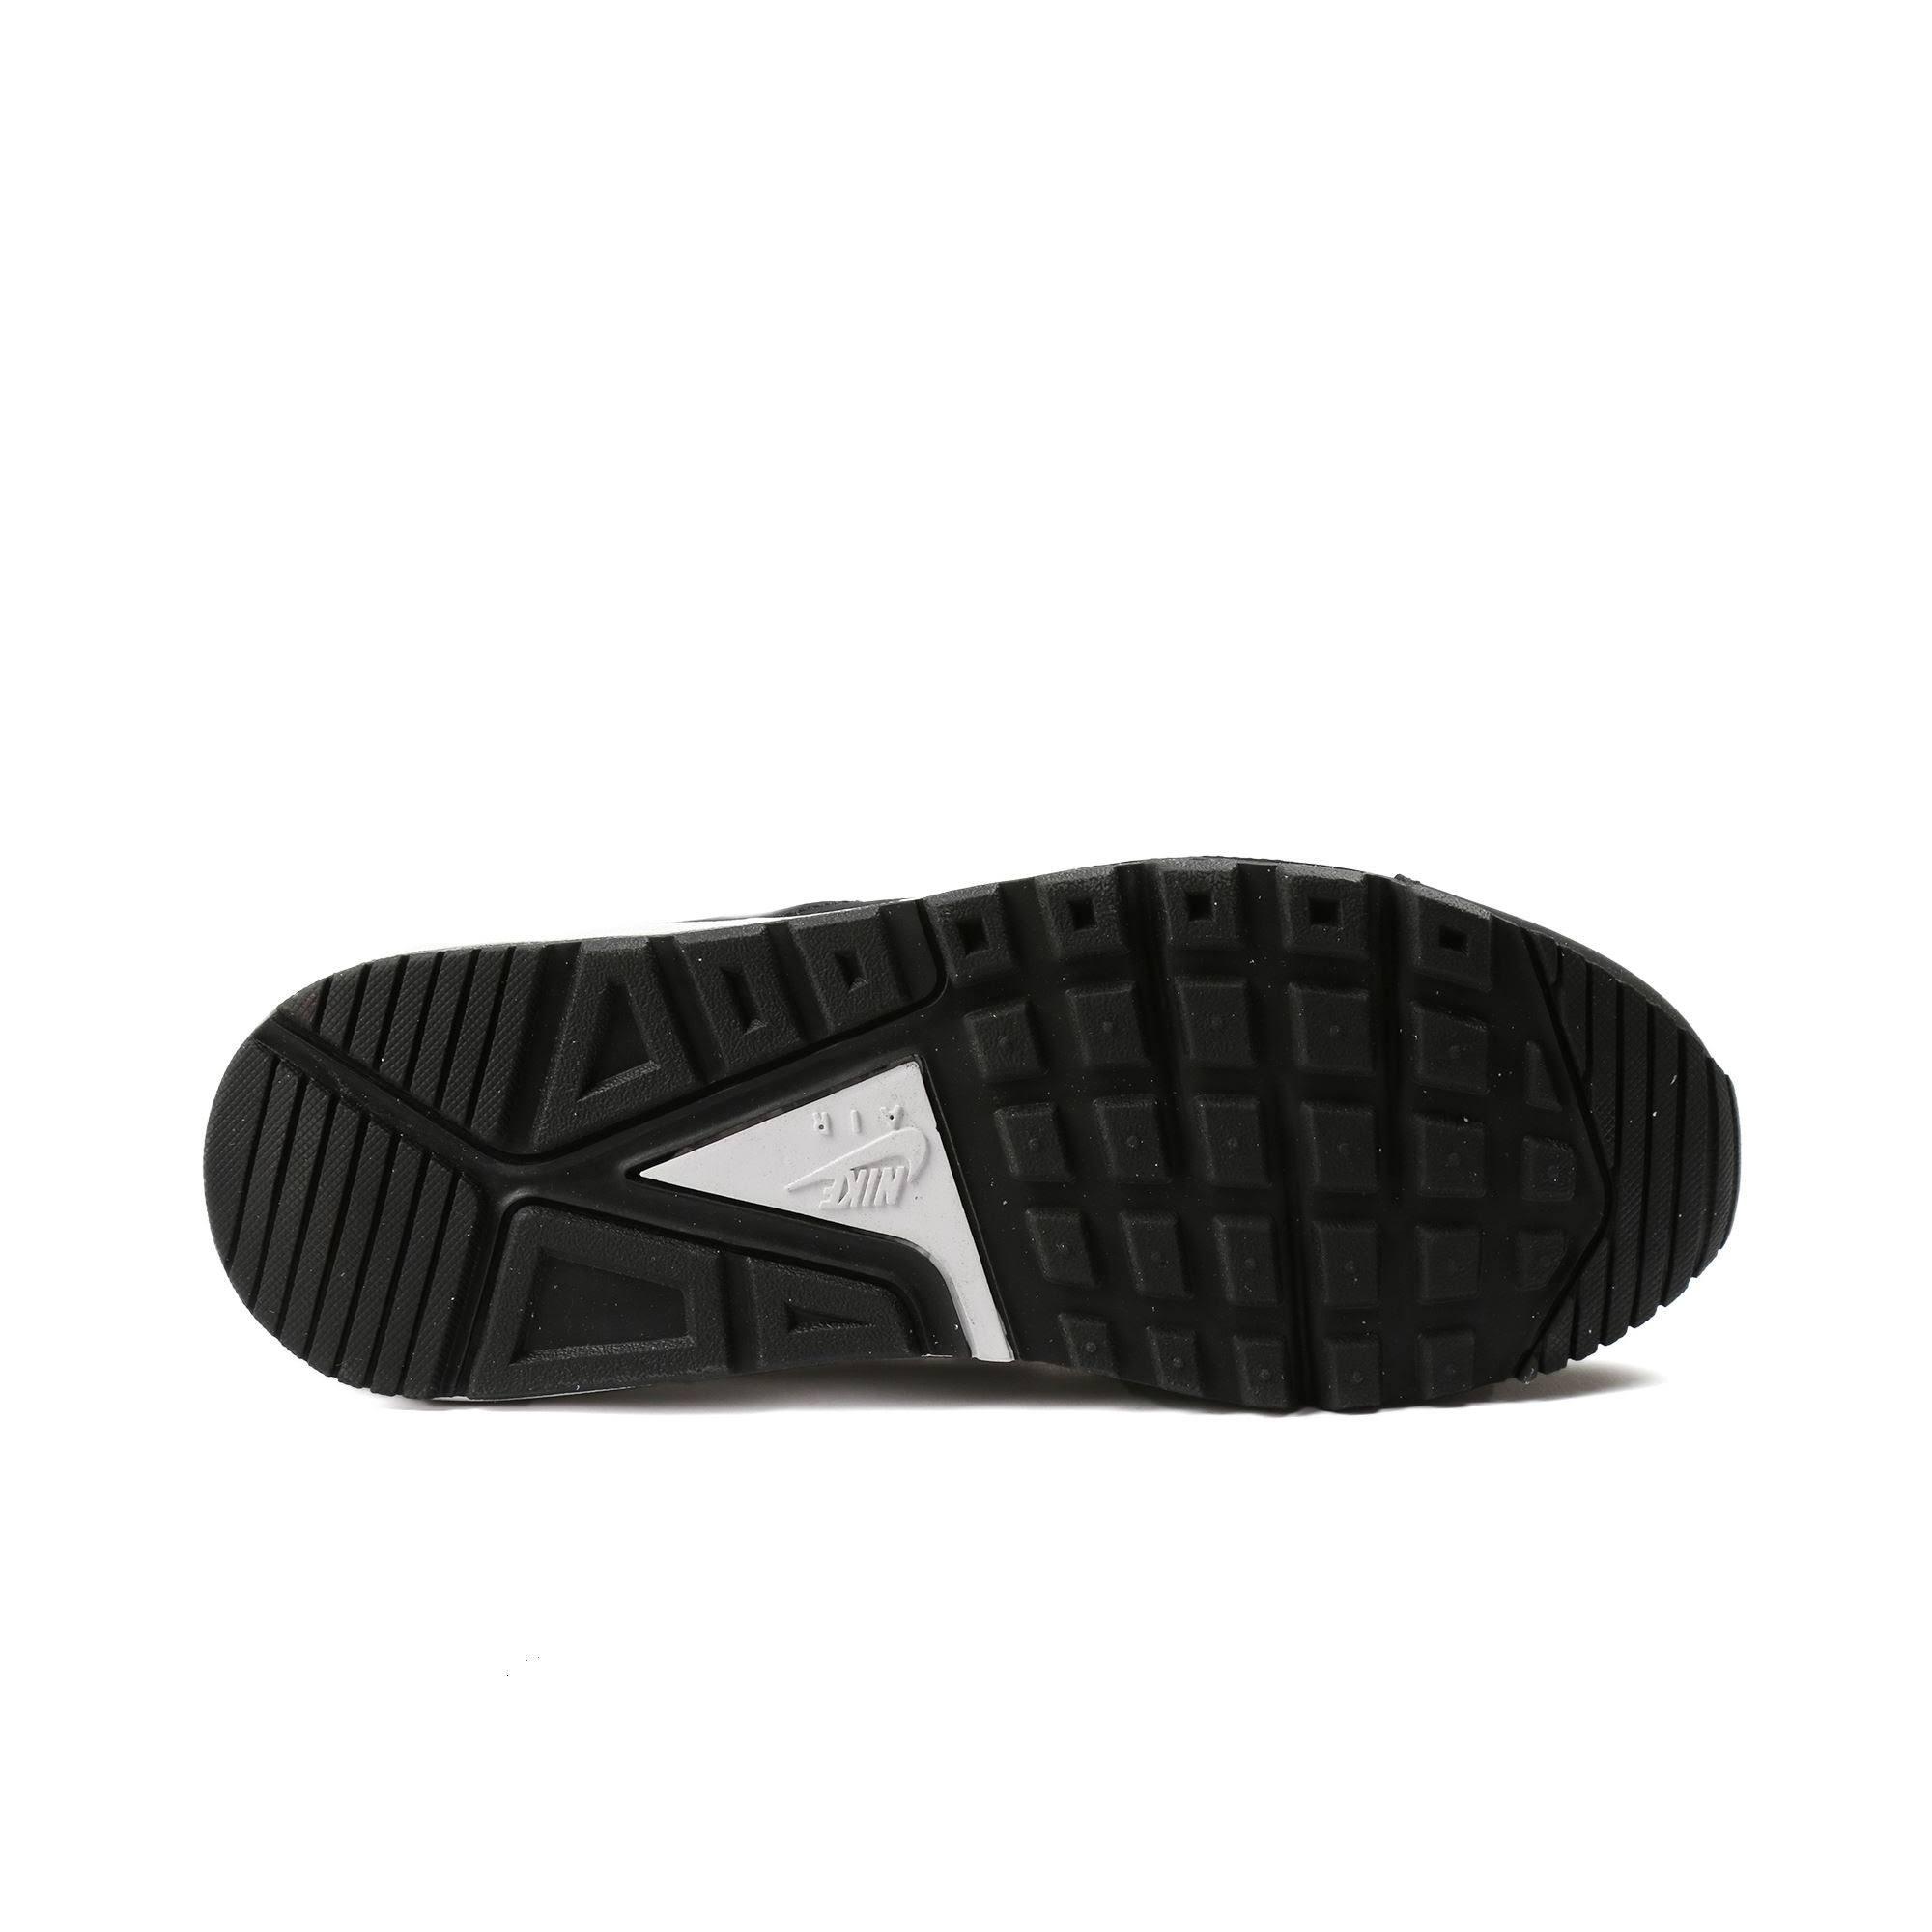 580518 011 Max Air Ayakkabı Ivo Nike Erkek 41 Spor 5Y0gnfSW